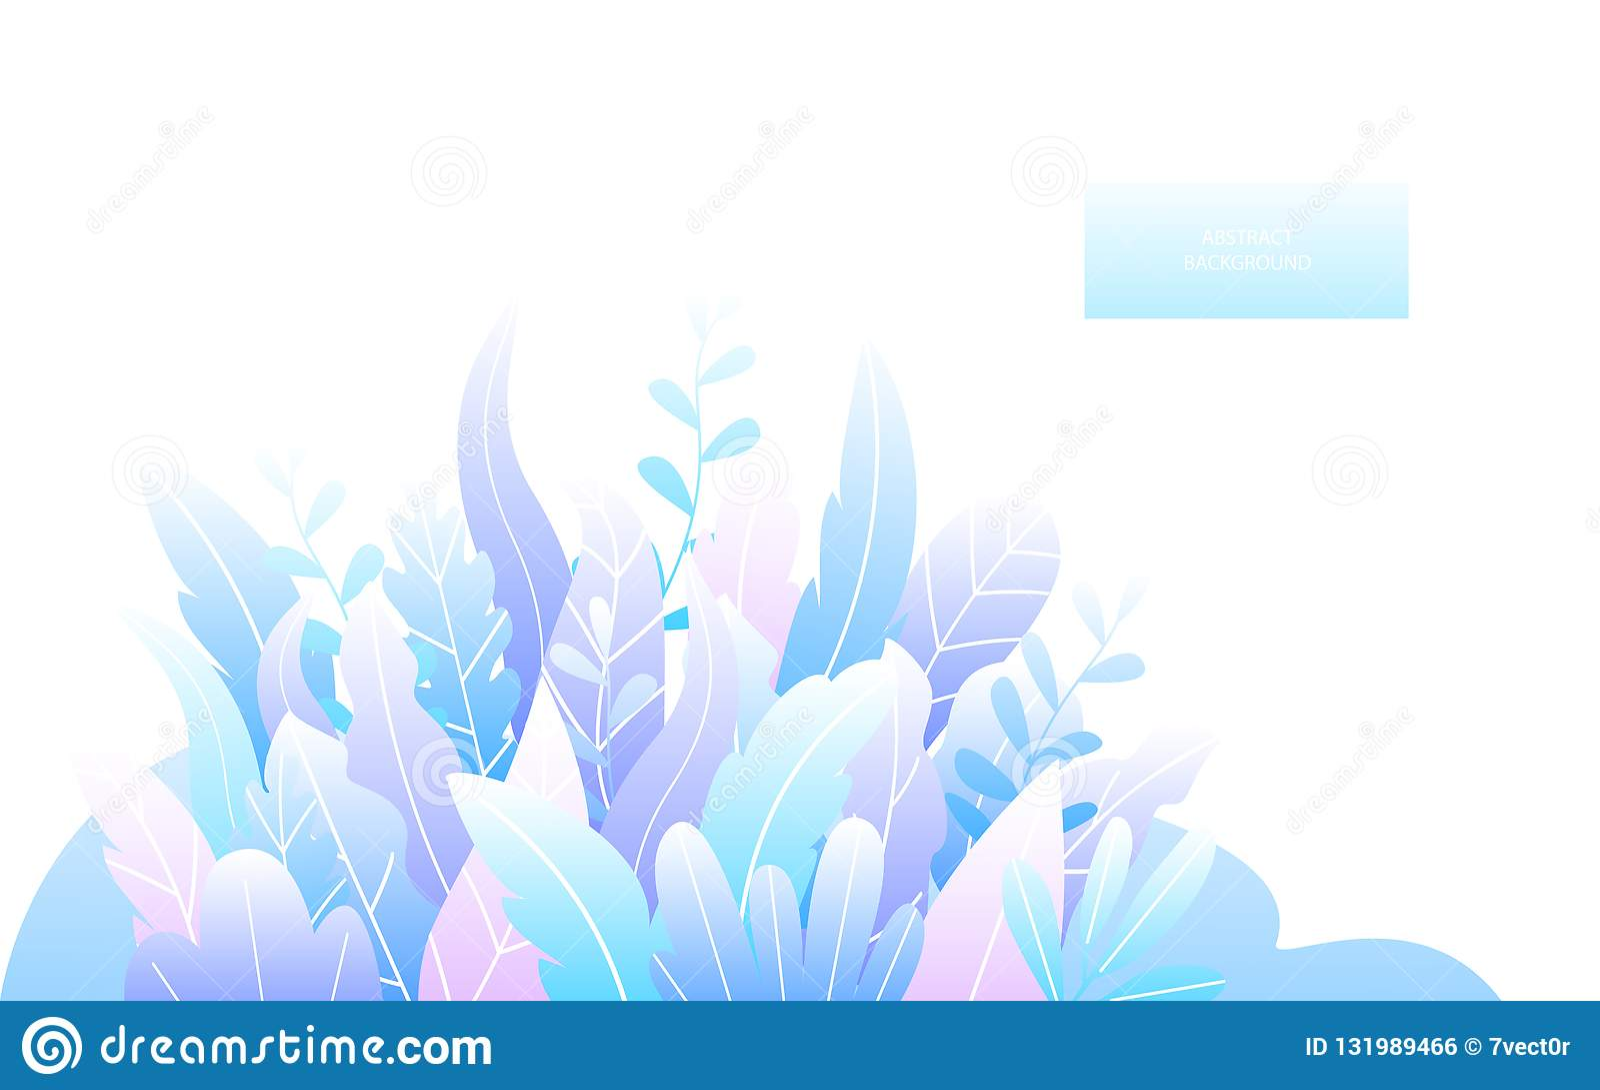 De abstracte zachte blauwe gradiënt kleurde de textuur van bladerentakjes